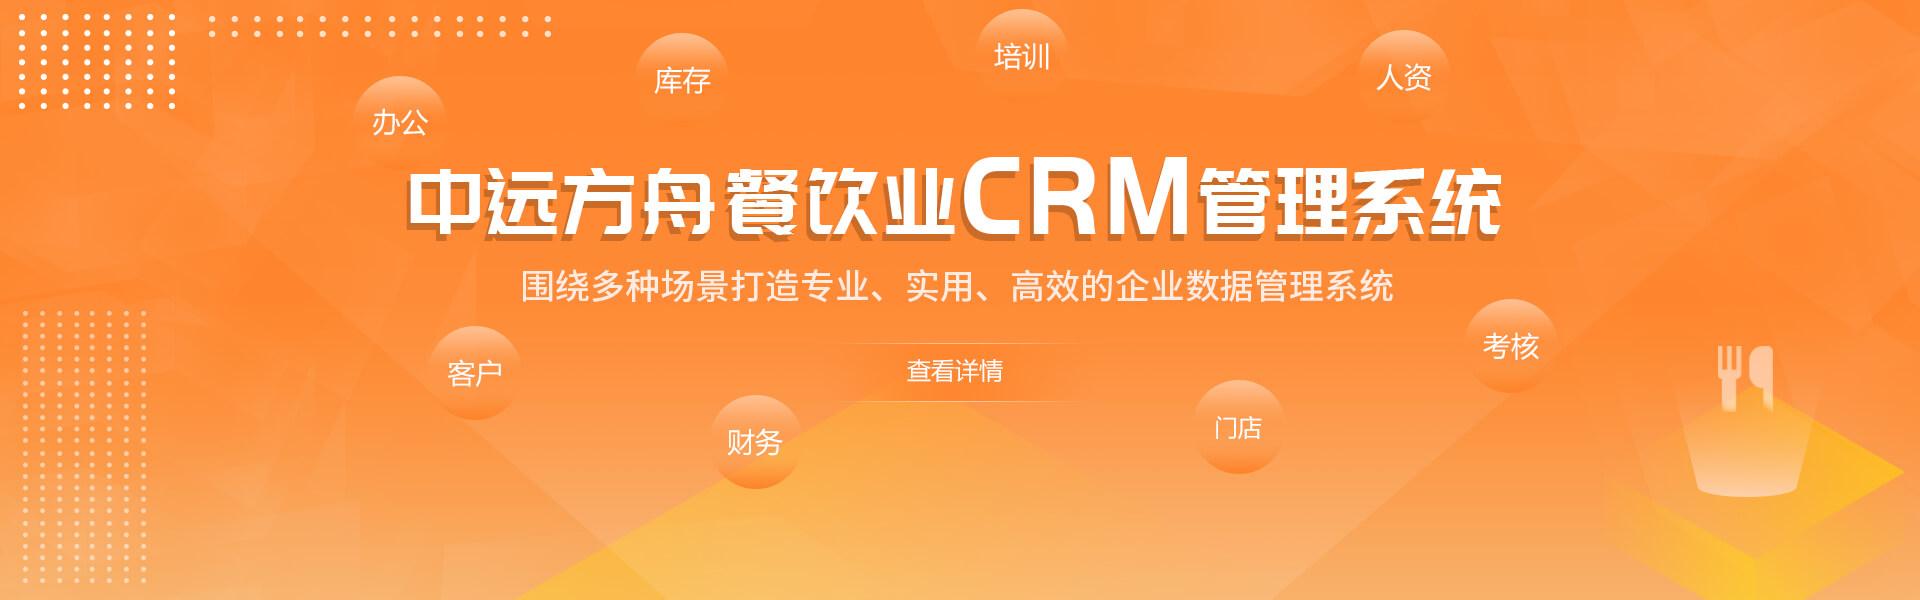 厦门CRM管理系统APP开发